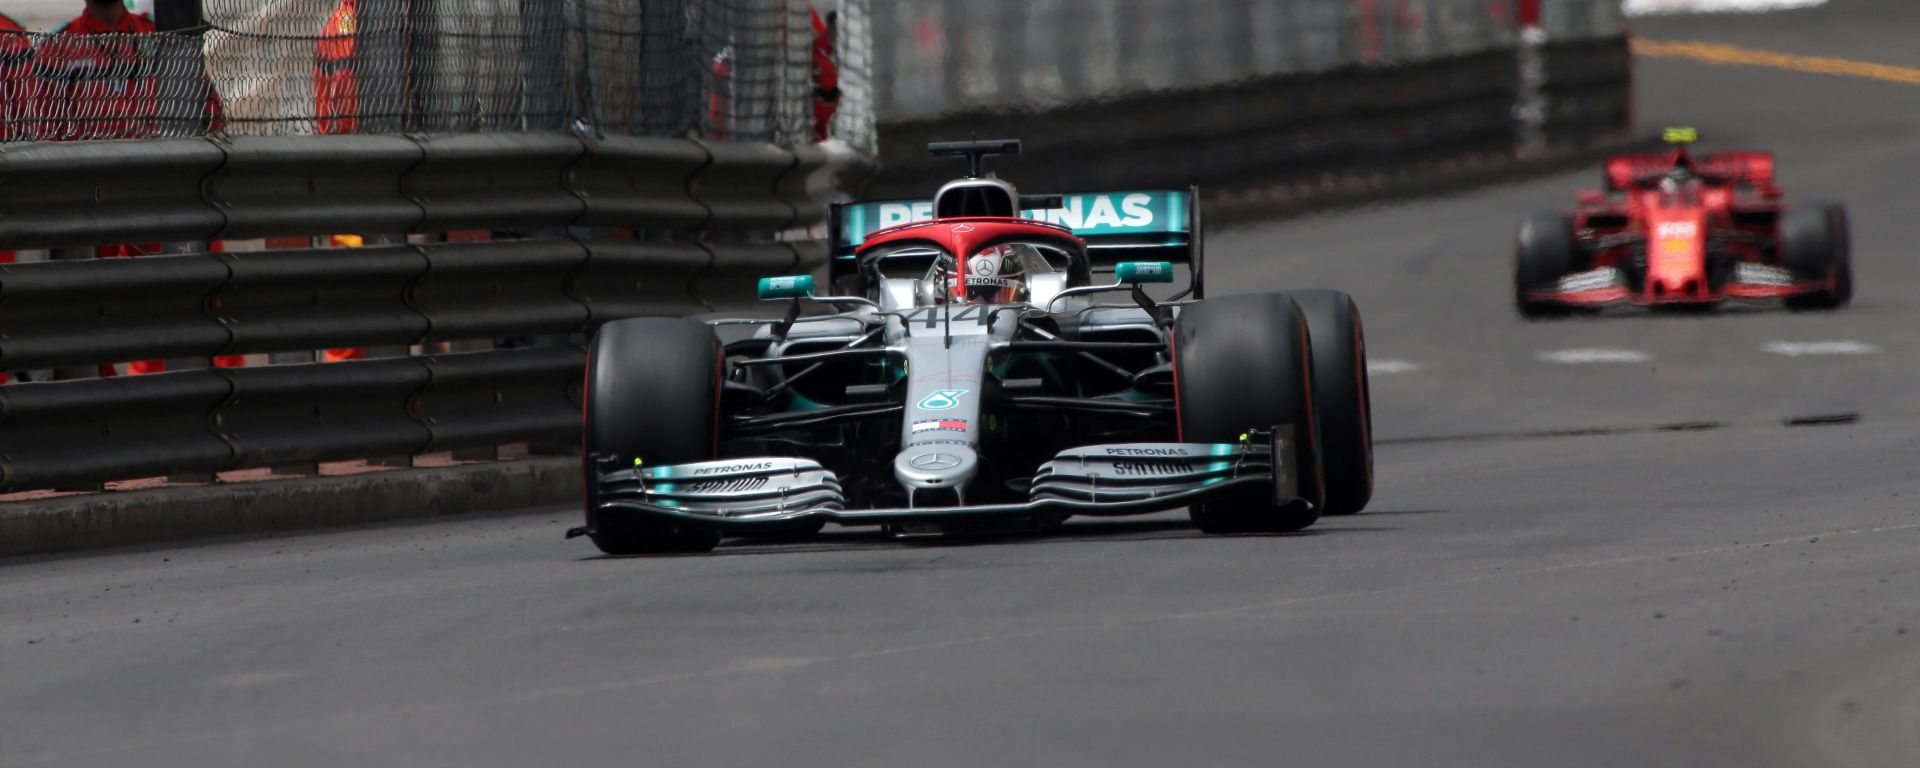 F1 Gp Monaco 2019 – Qualifiche: Pole di Hamilton, disastro Ferrari